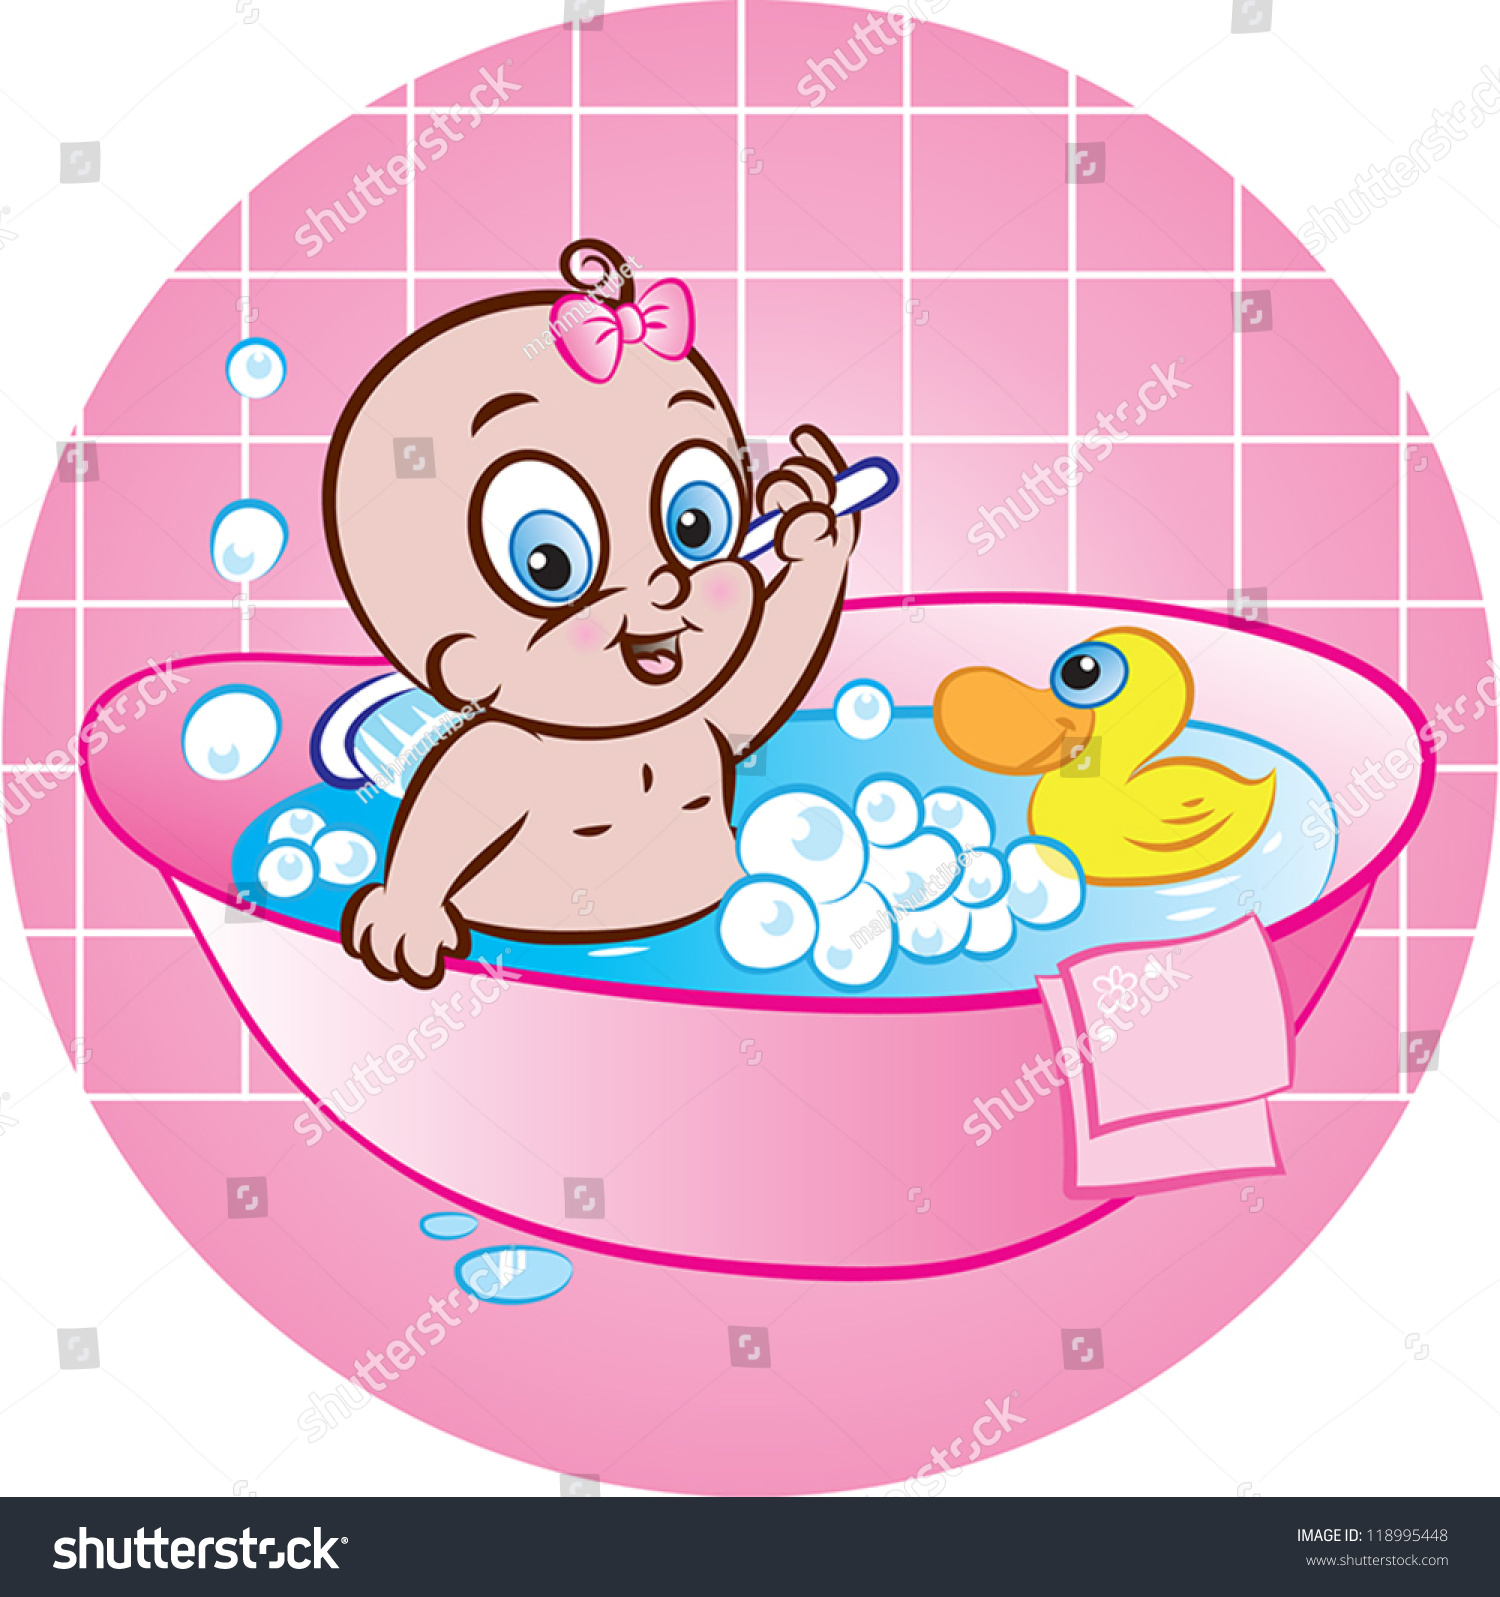 矢量插图的可爱的小女孩在浴缸洗澡-医疗保健